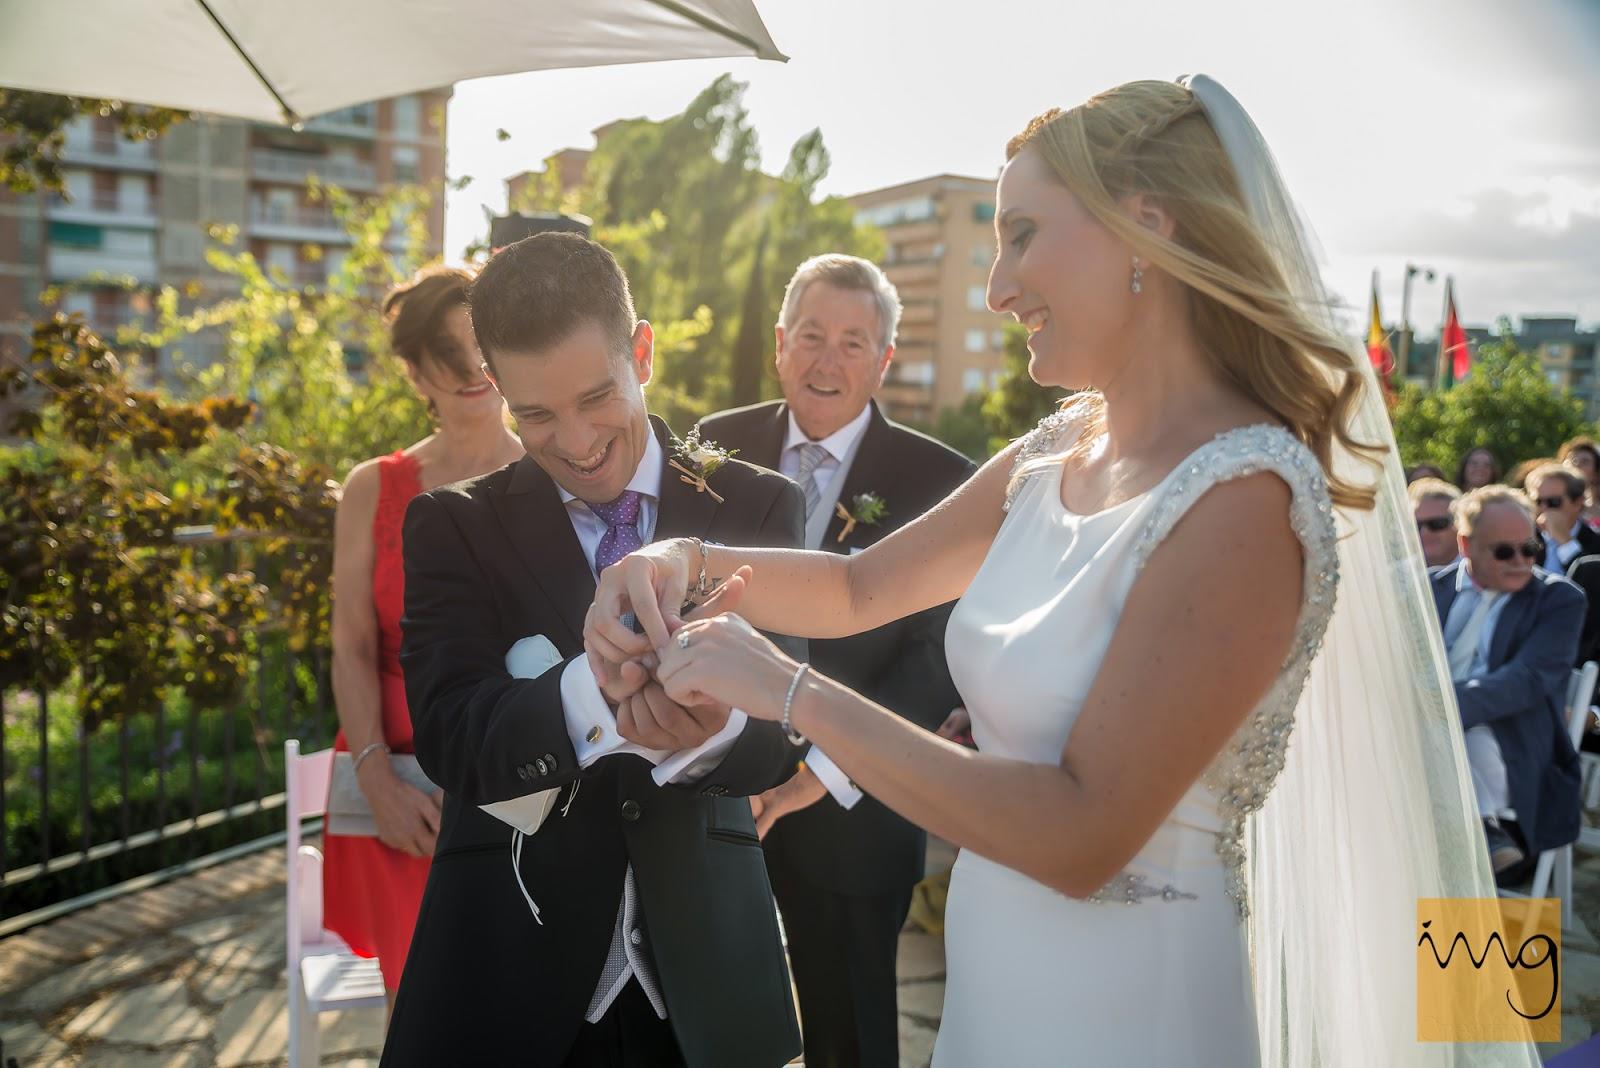 Fotografia del momento de la alianza en la boda